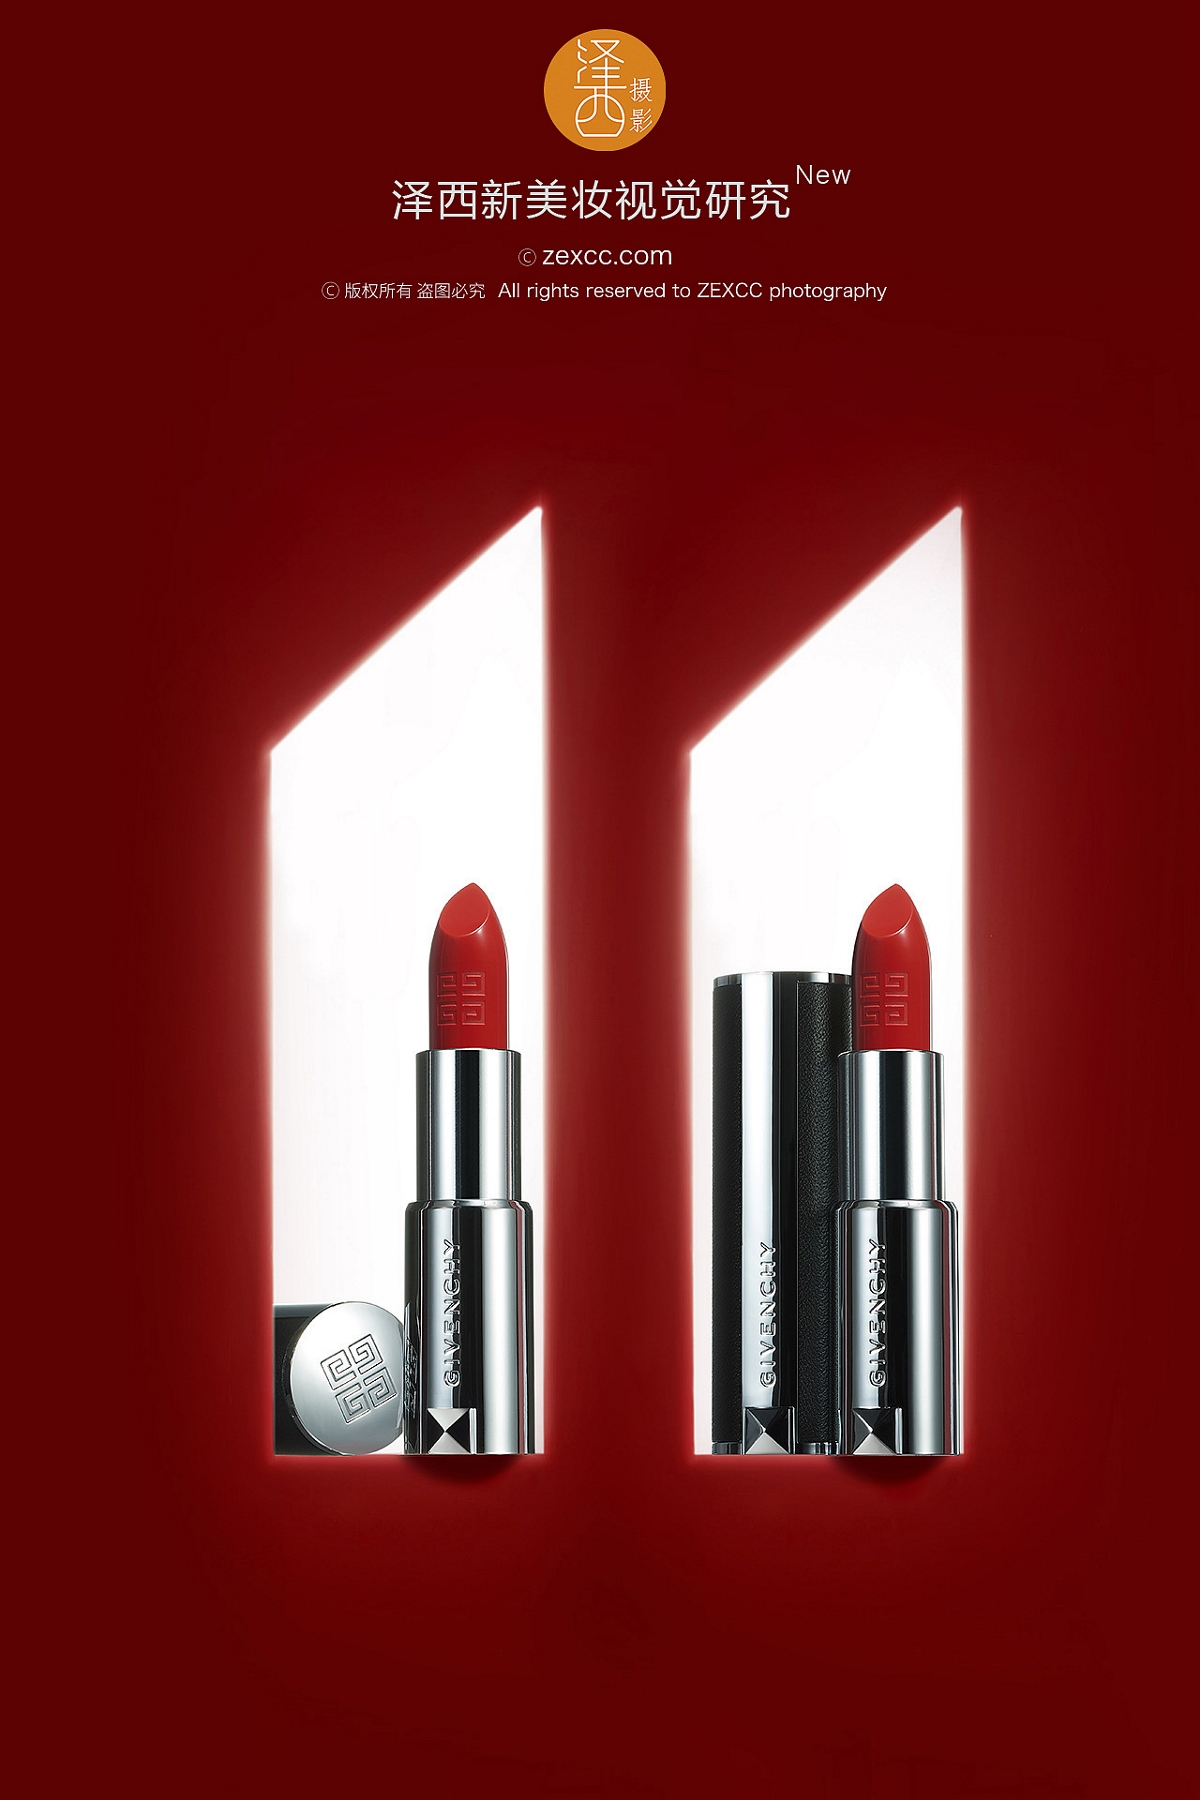 纪梵希的双十一 ✖ 泽西摄影 | 新美妆视觉研究